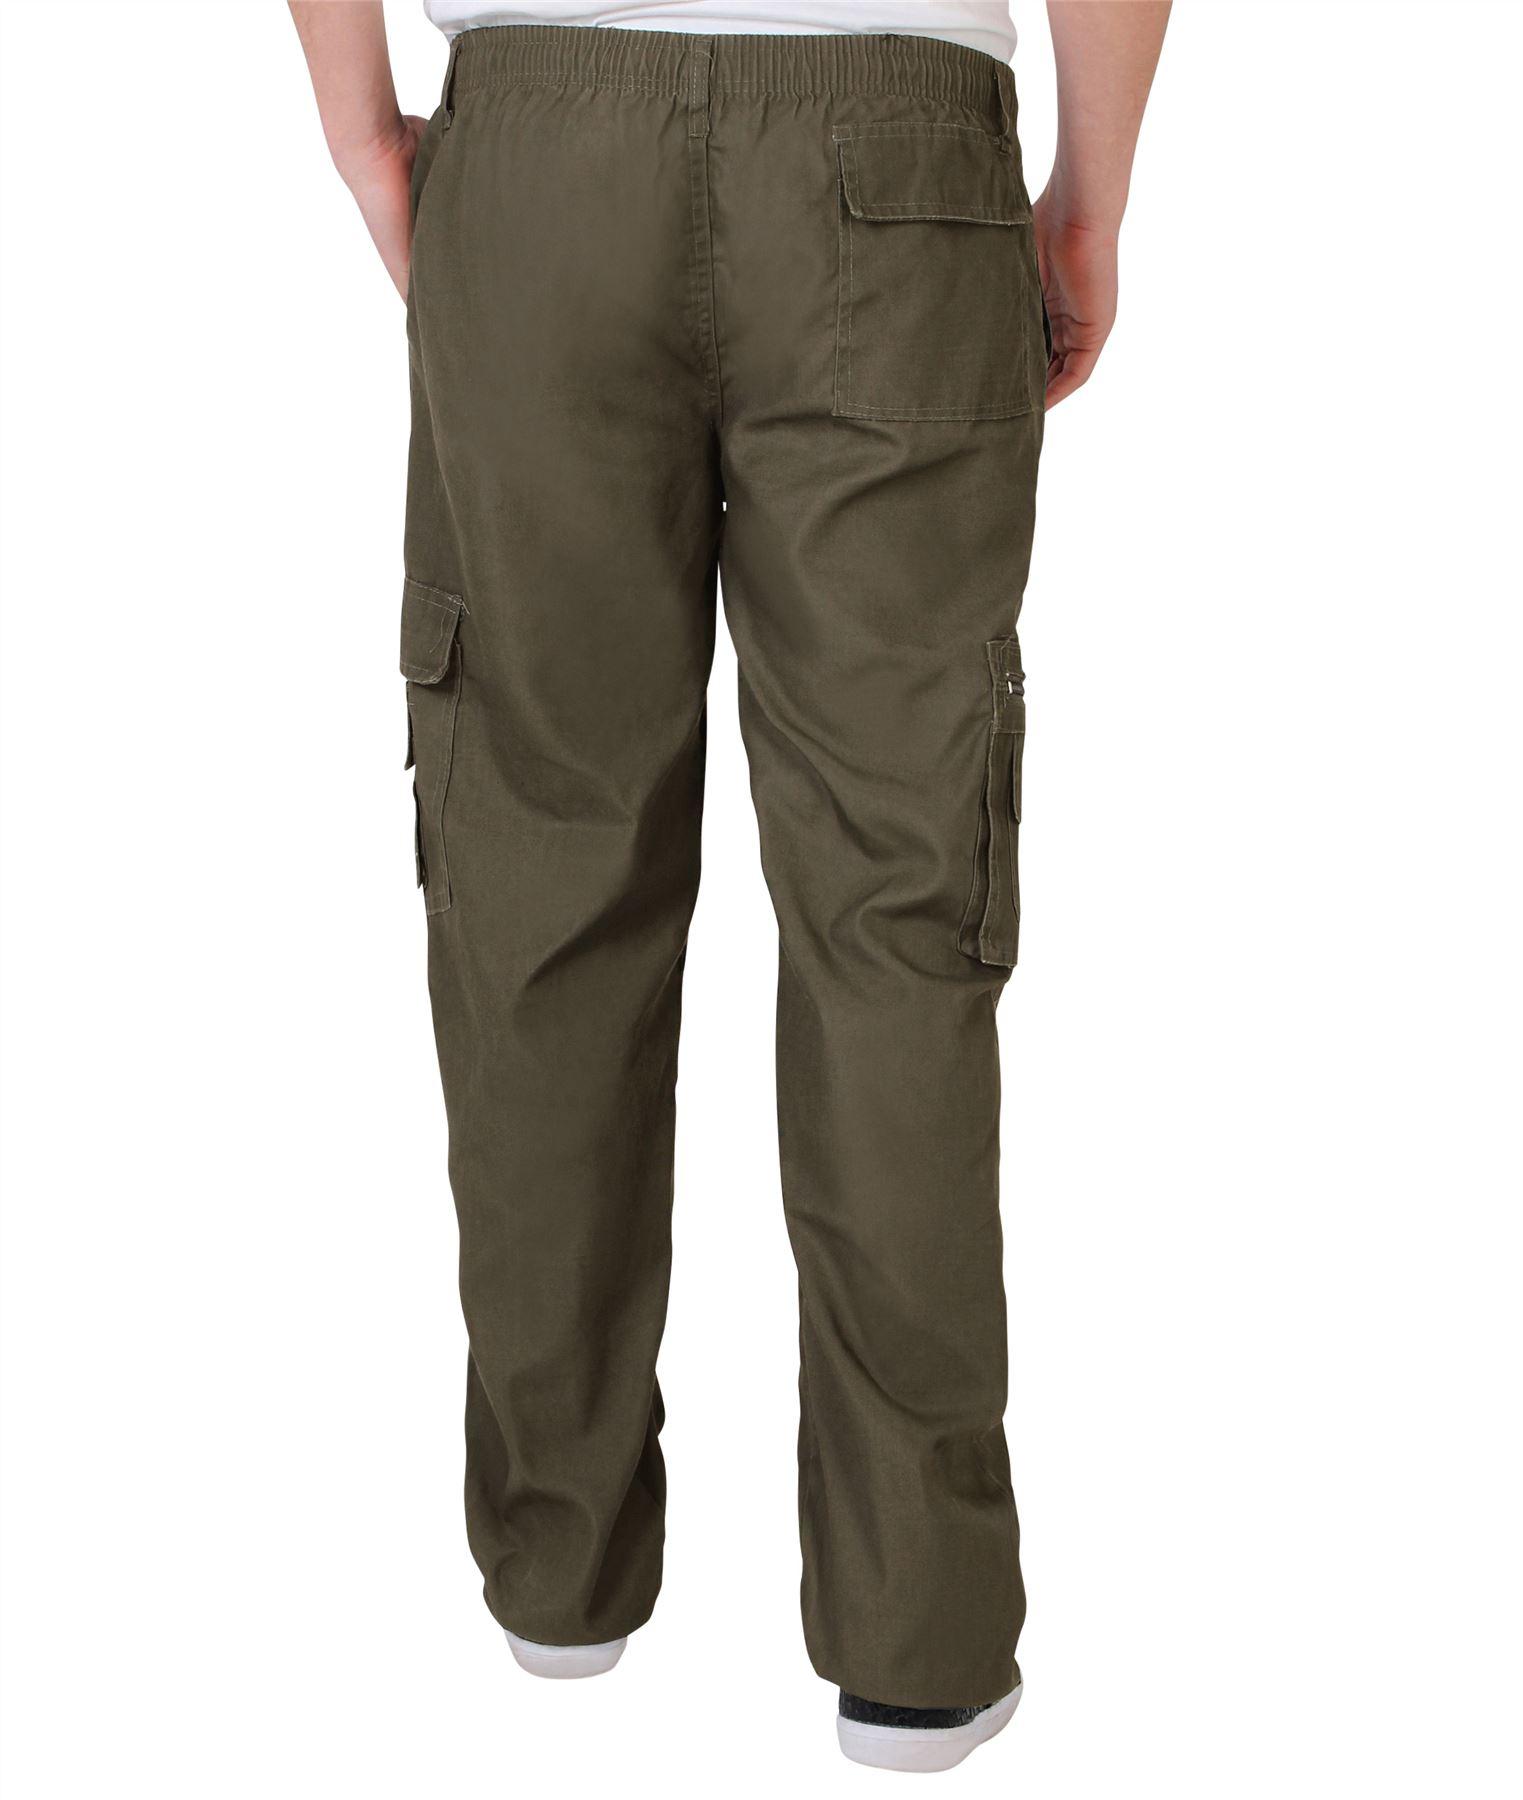 Uomo-Militare-Cargo-Pantaloni-Cotone-Lavoro-Chino-Casual-Kaki miniatura 21